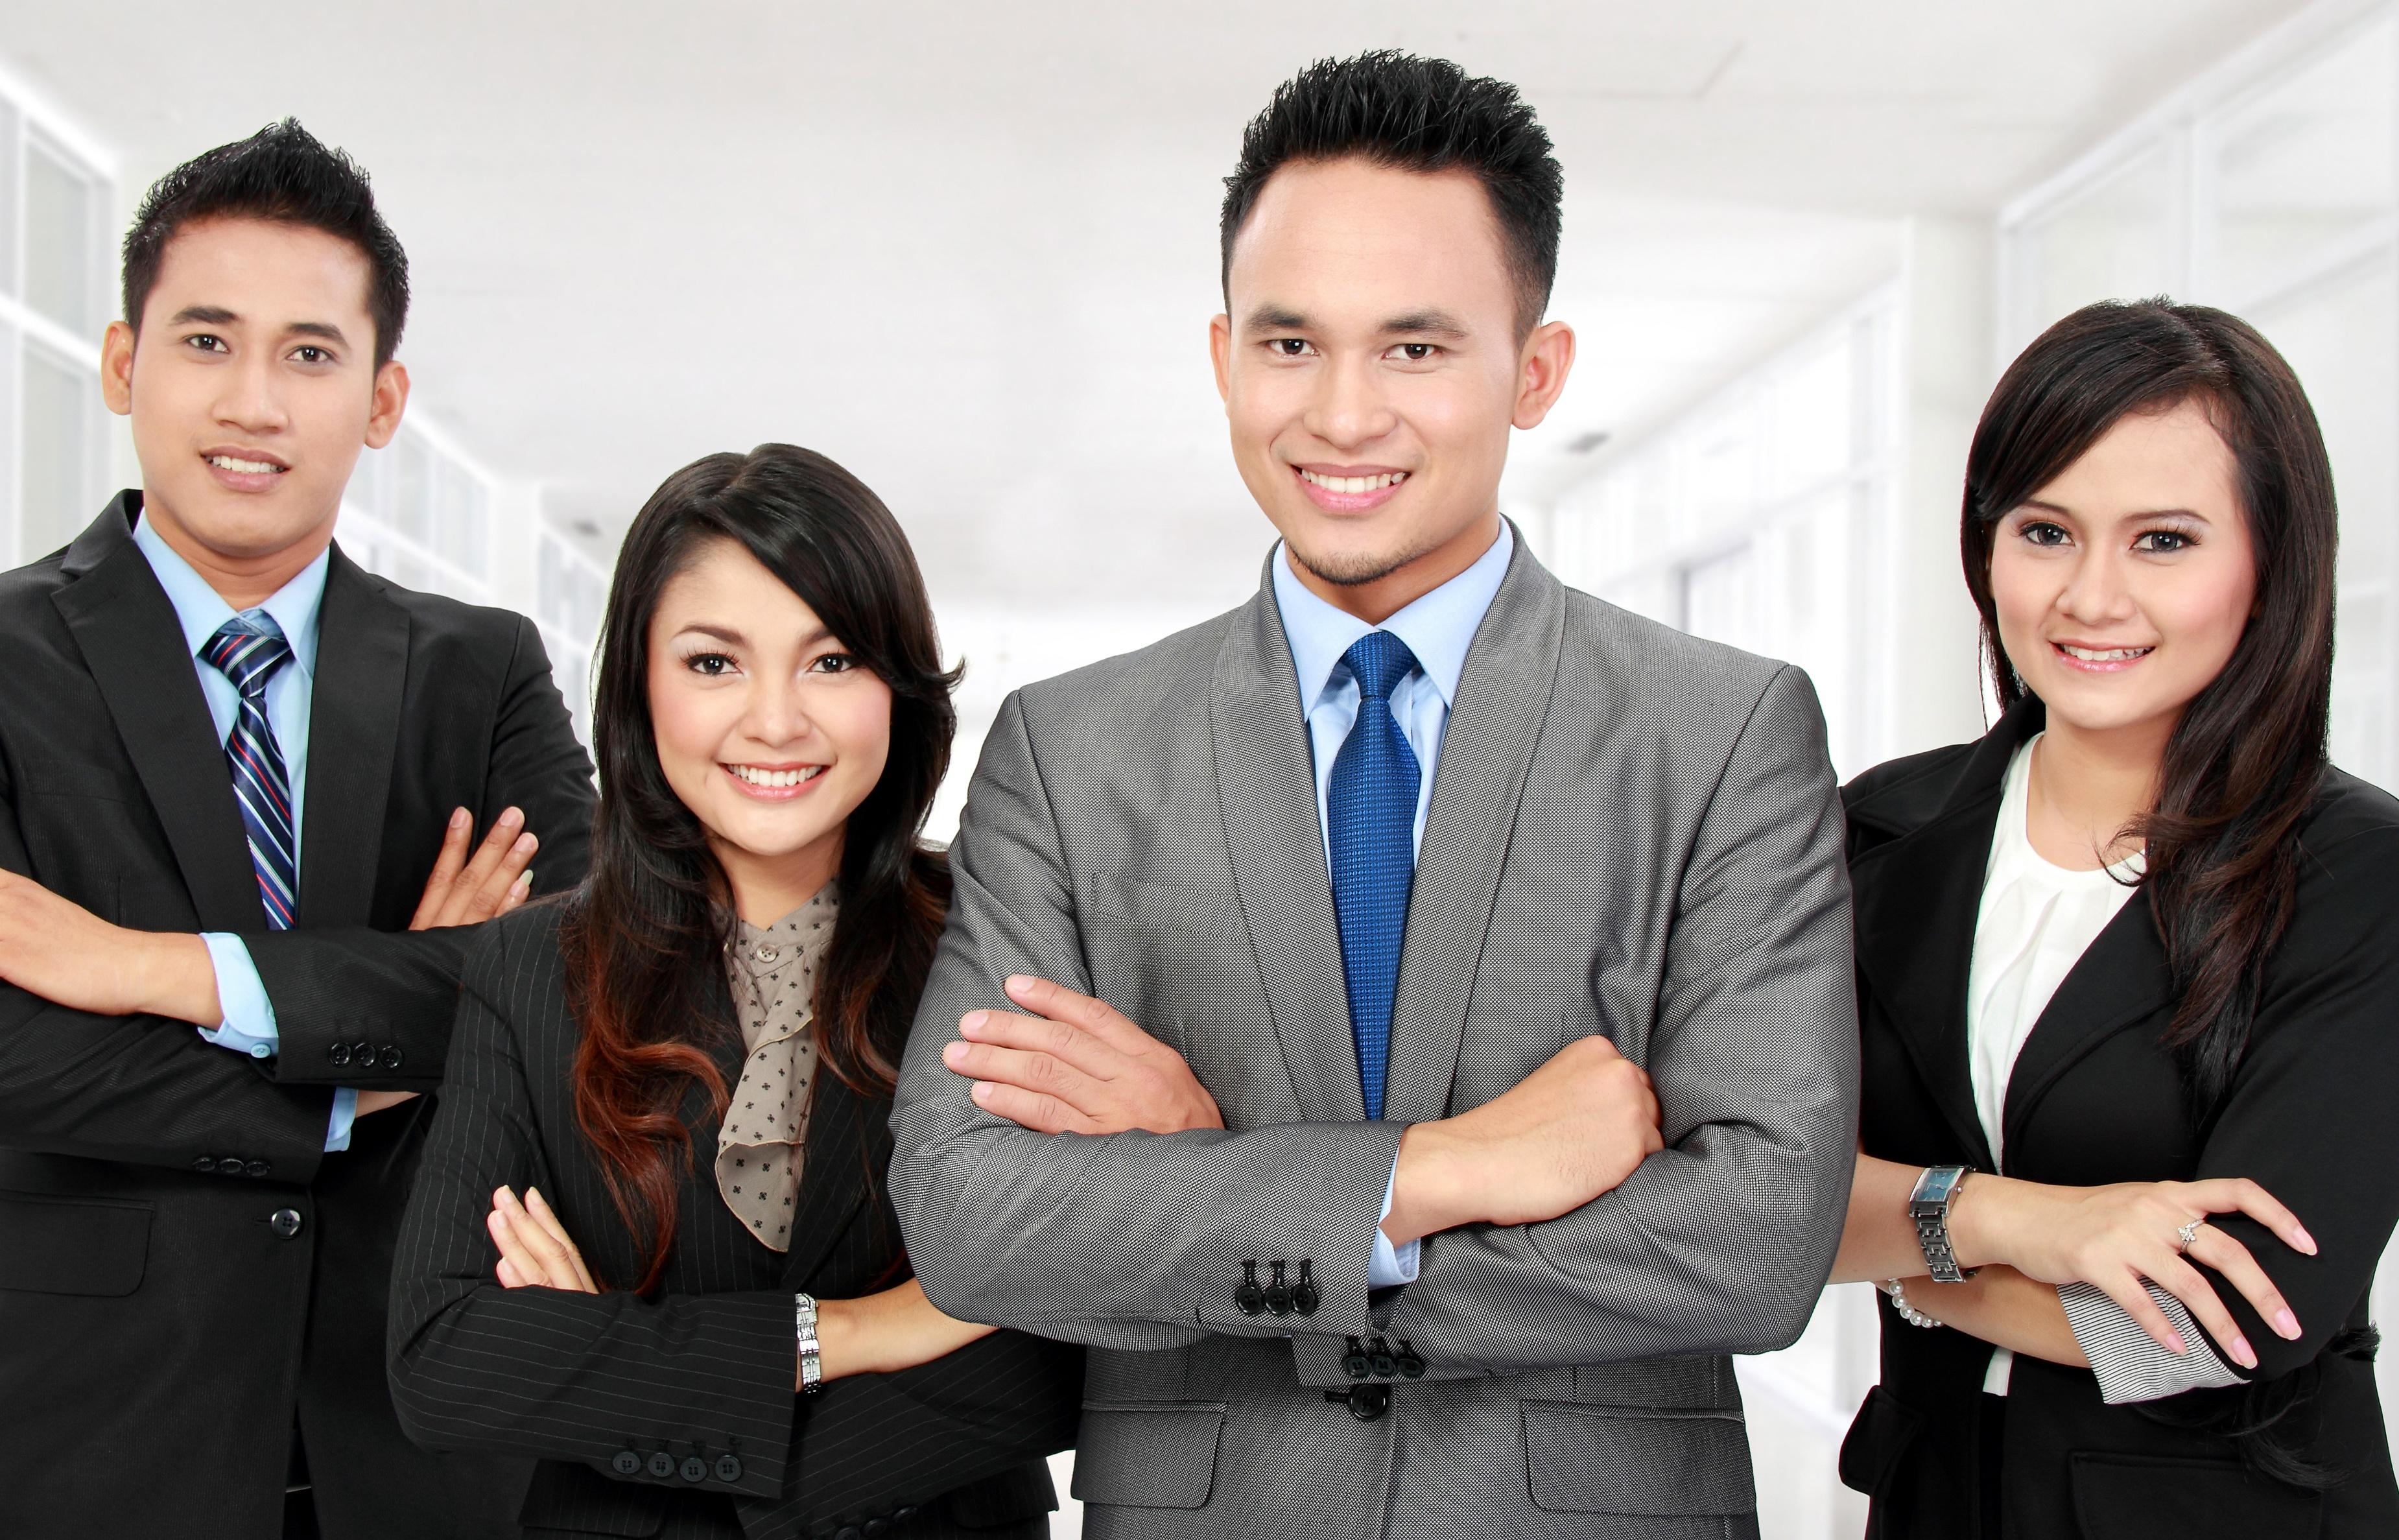 bagaimana cara membentuk budaya perusahaan yang baik, good corporate culture, act consulting